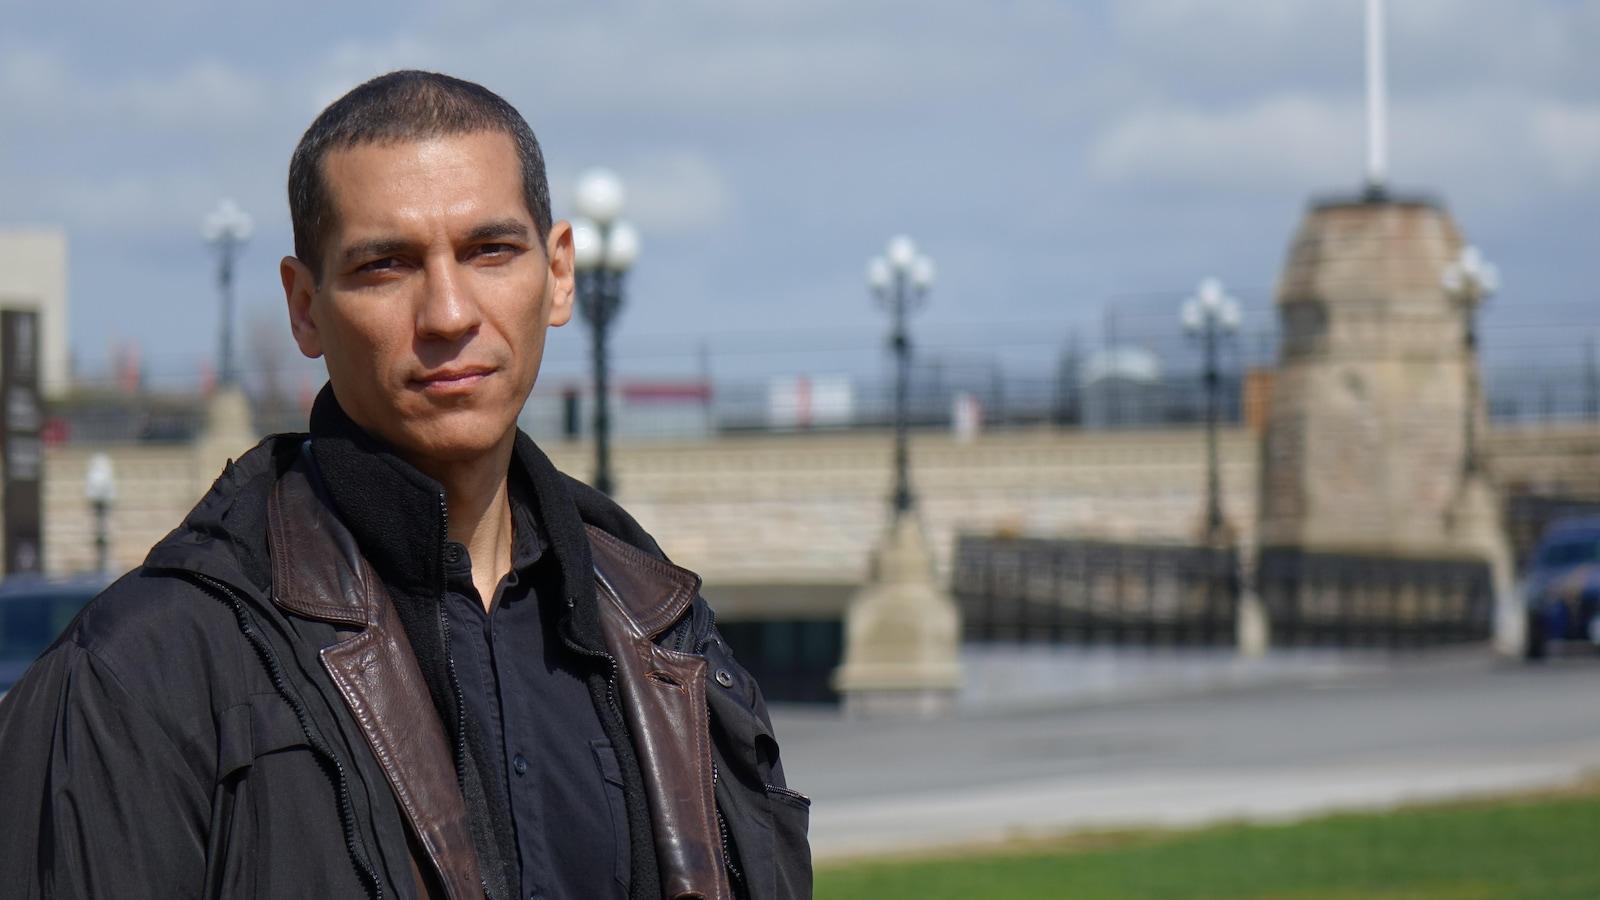 Carlos Alexandre de Souza est debout sur la pelouse de la colline du Parlement.